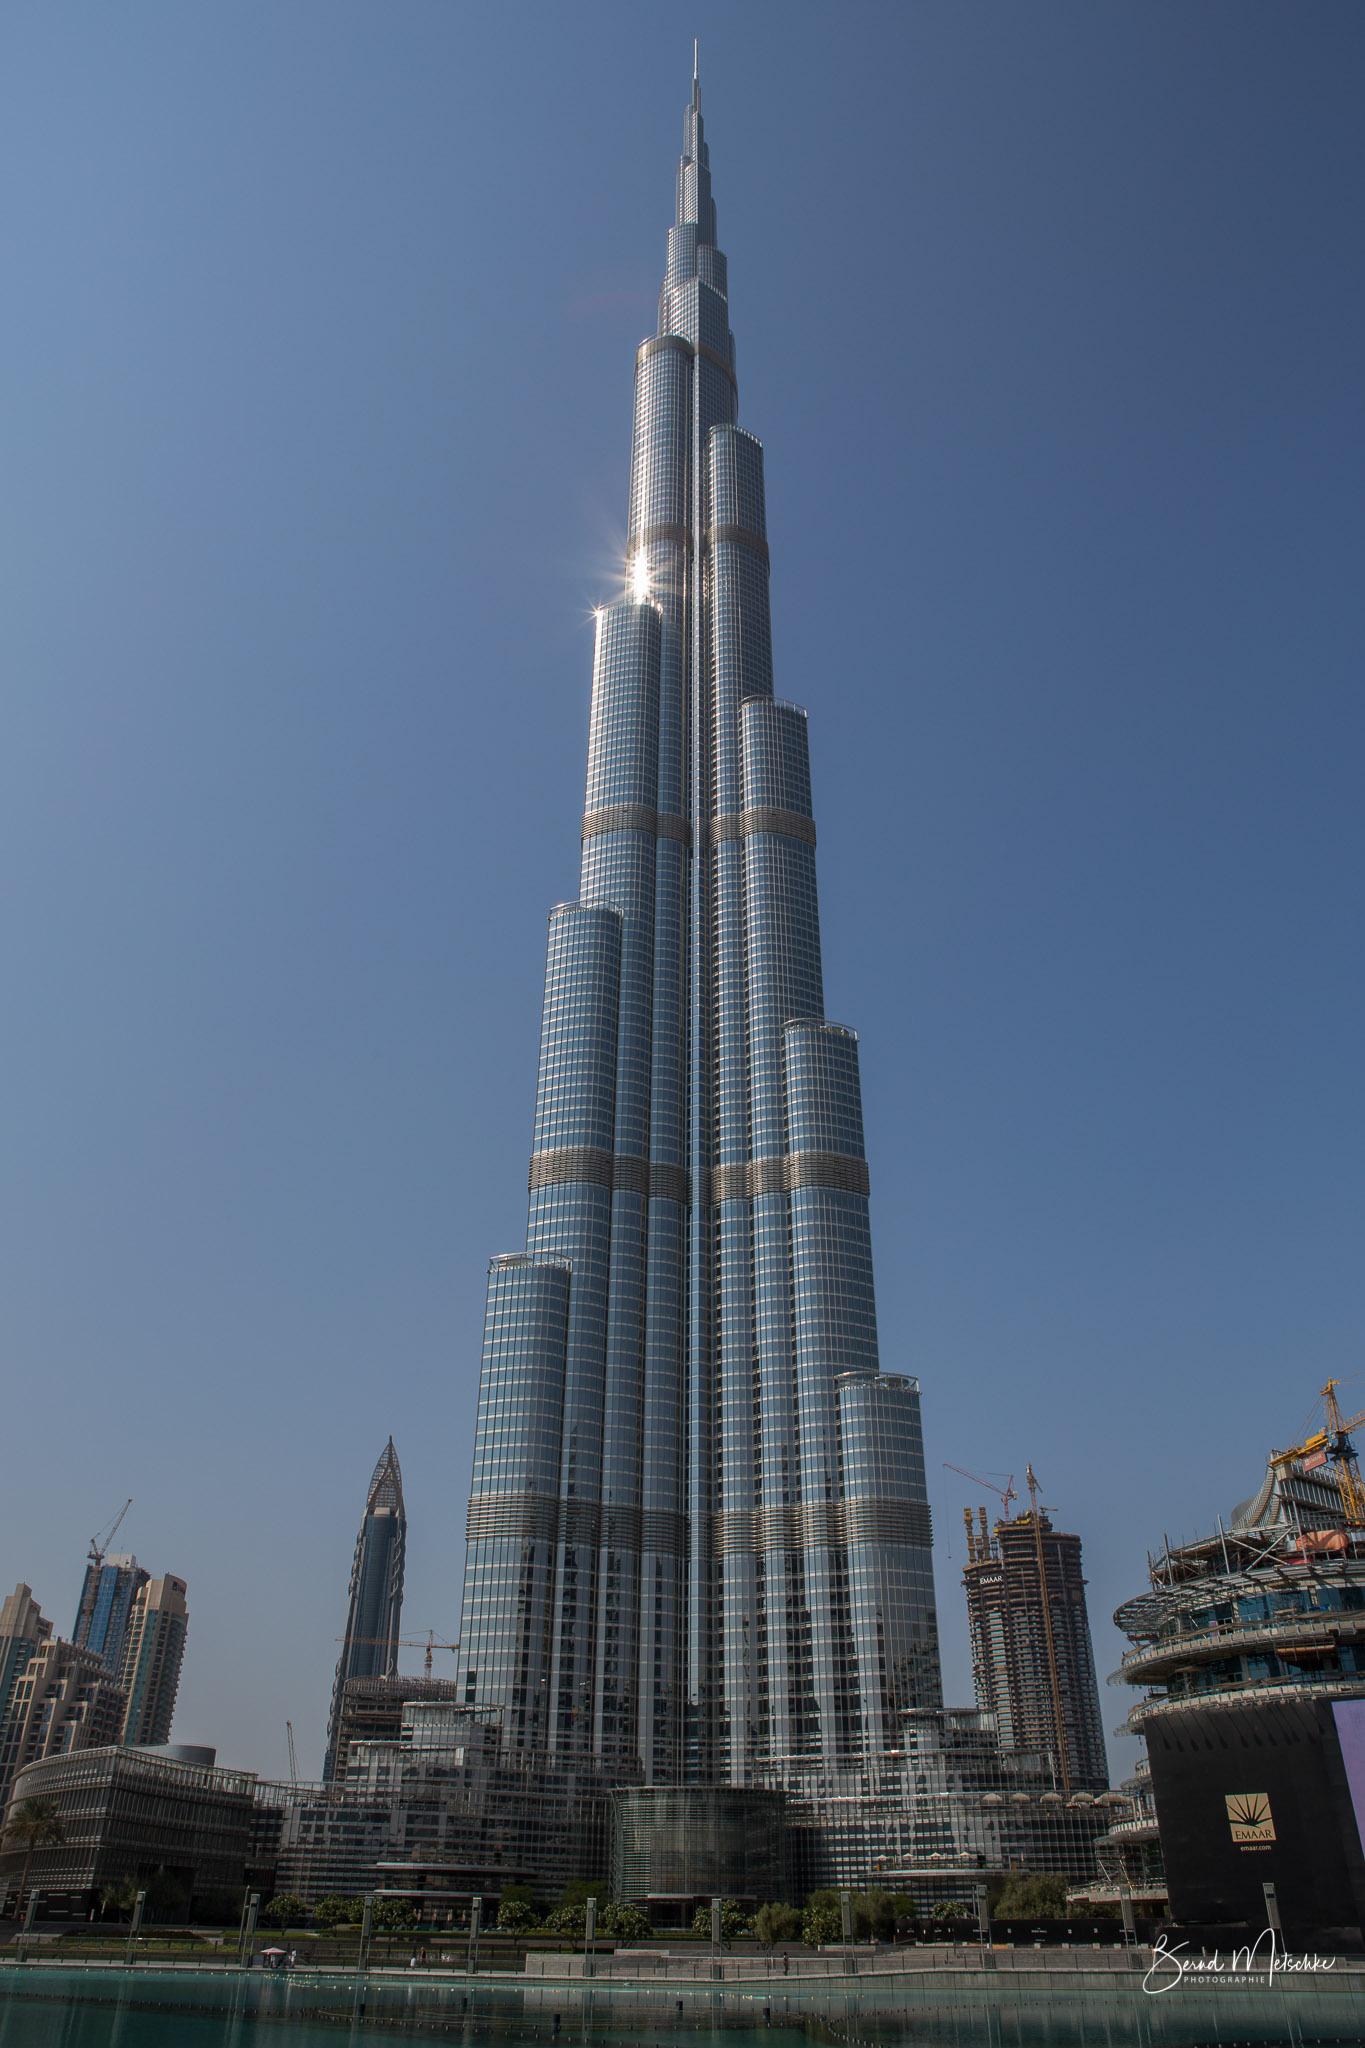 Der Burj Khalifa ist ein Wolkenkratzer in Dubai.